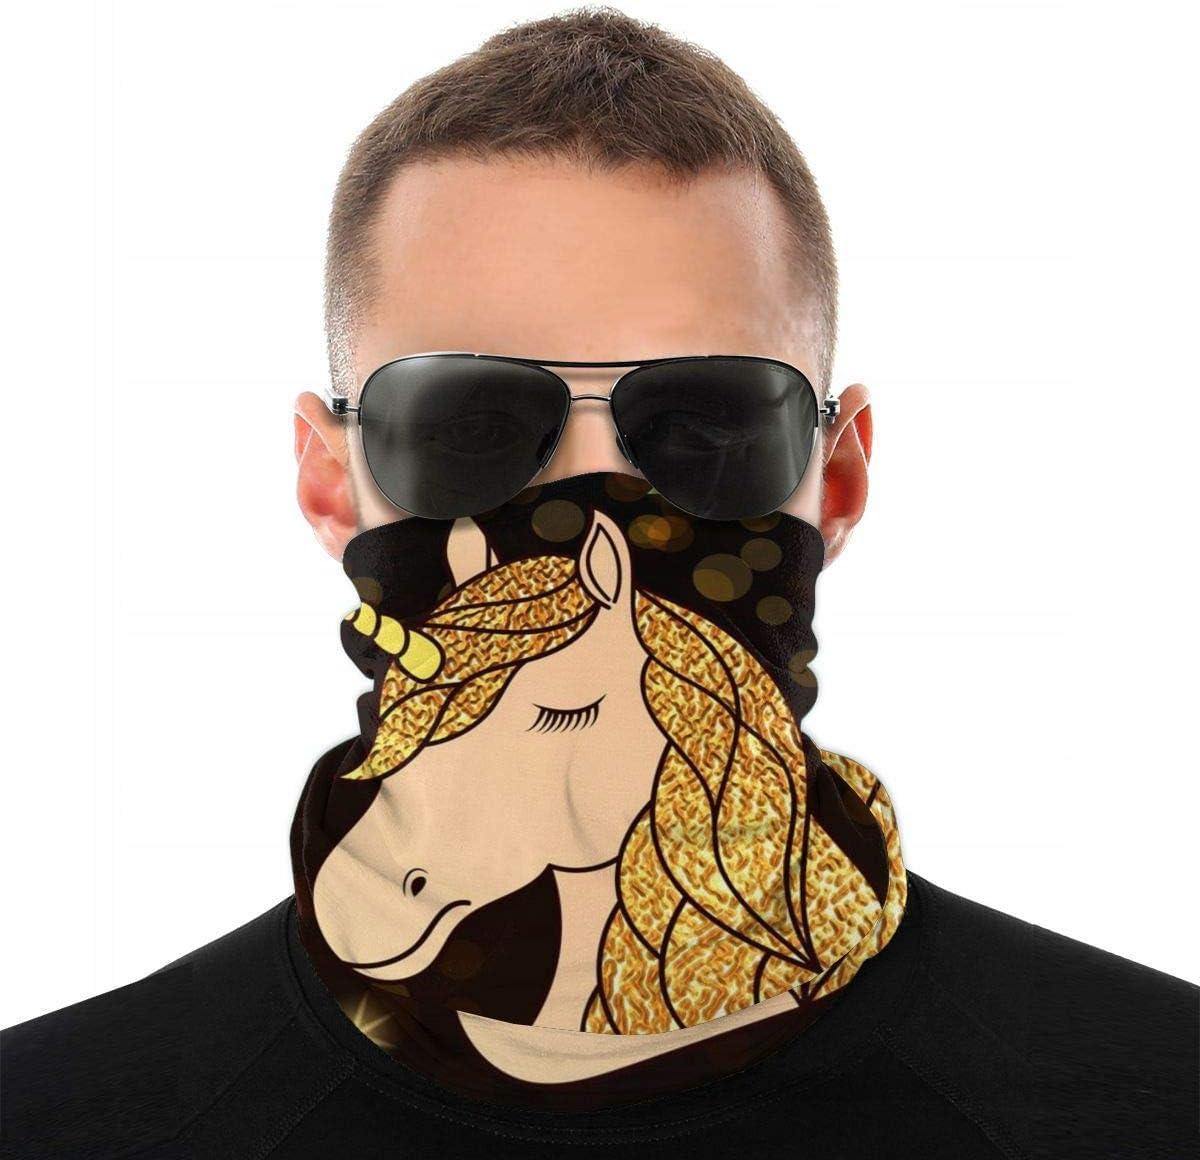 Mike-Shop Uña con Pelo Dorado Estrellas Brillantes Calentador de Cuello Polainas para el Cuello Calentador de Bufanda Calentador de Bufanda pasamontañas Suave Cubierta de Cara con 6 filtros